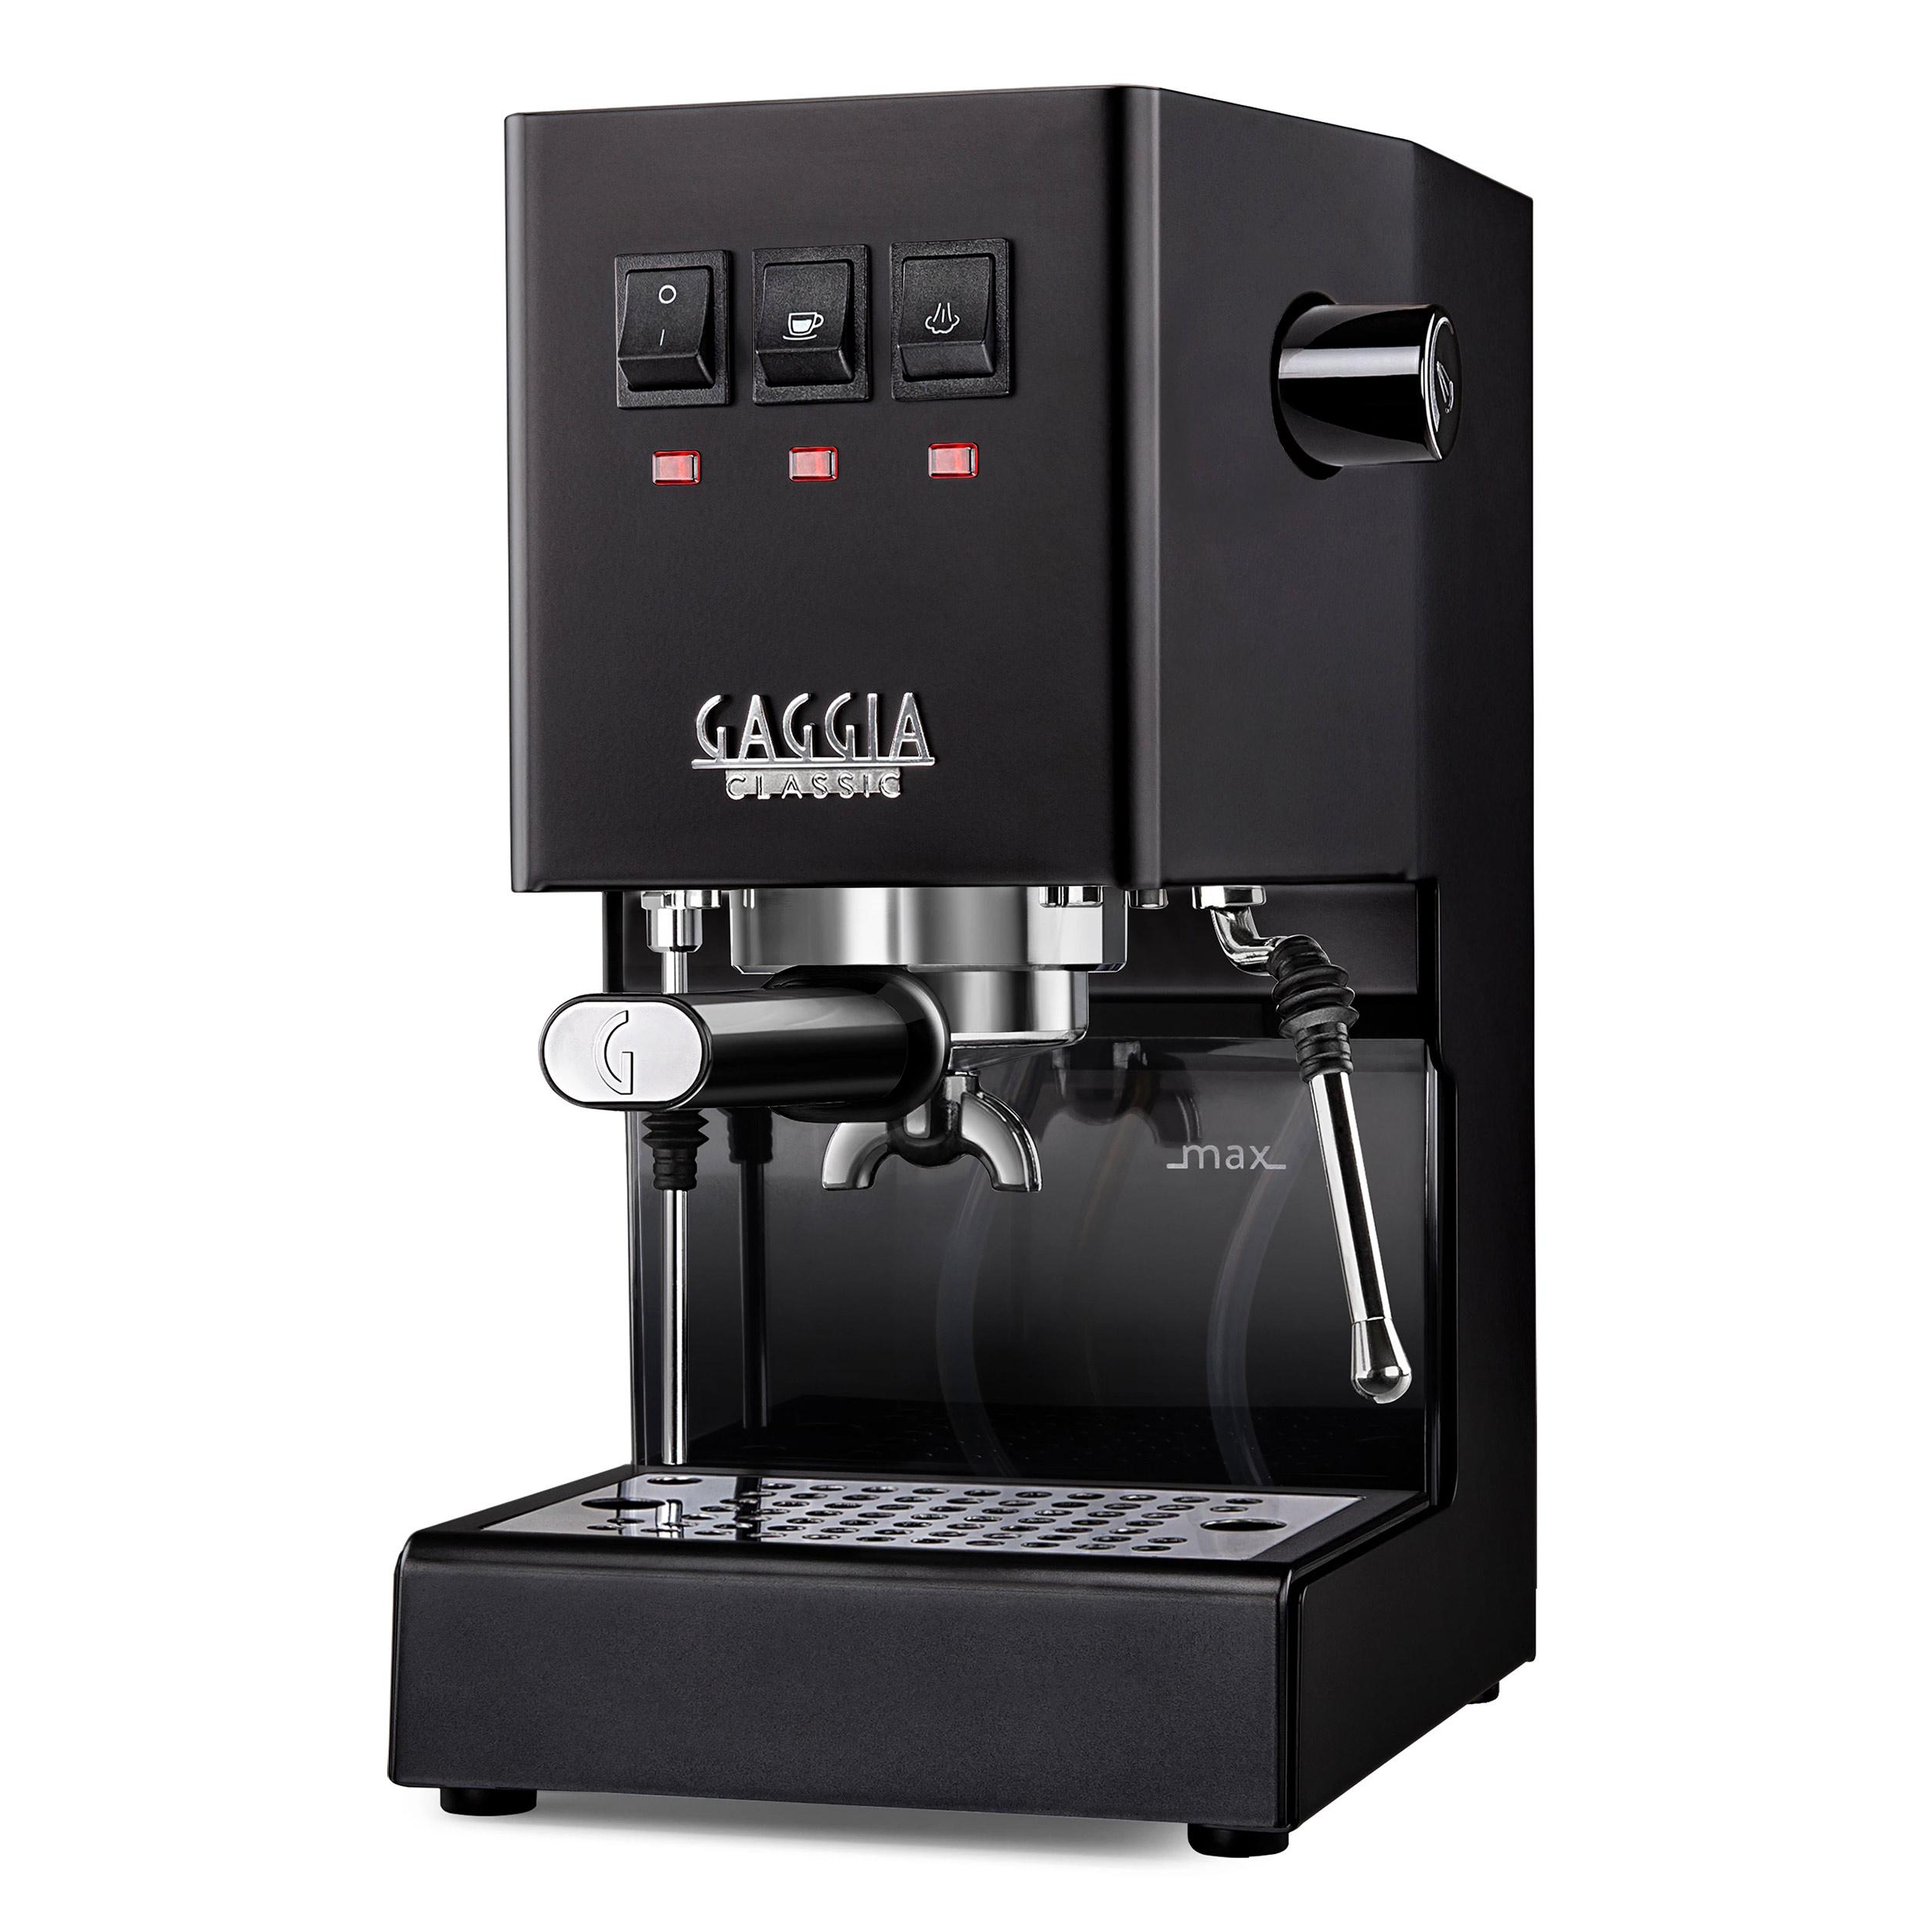 Gaggia New Classic Pro Semi-Automatic Espresso Machine - Thunder Black RI9380/49